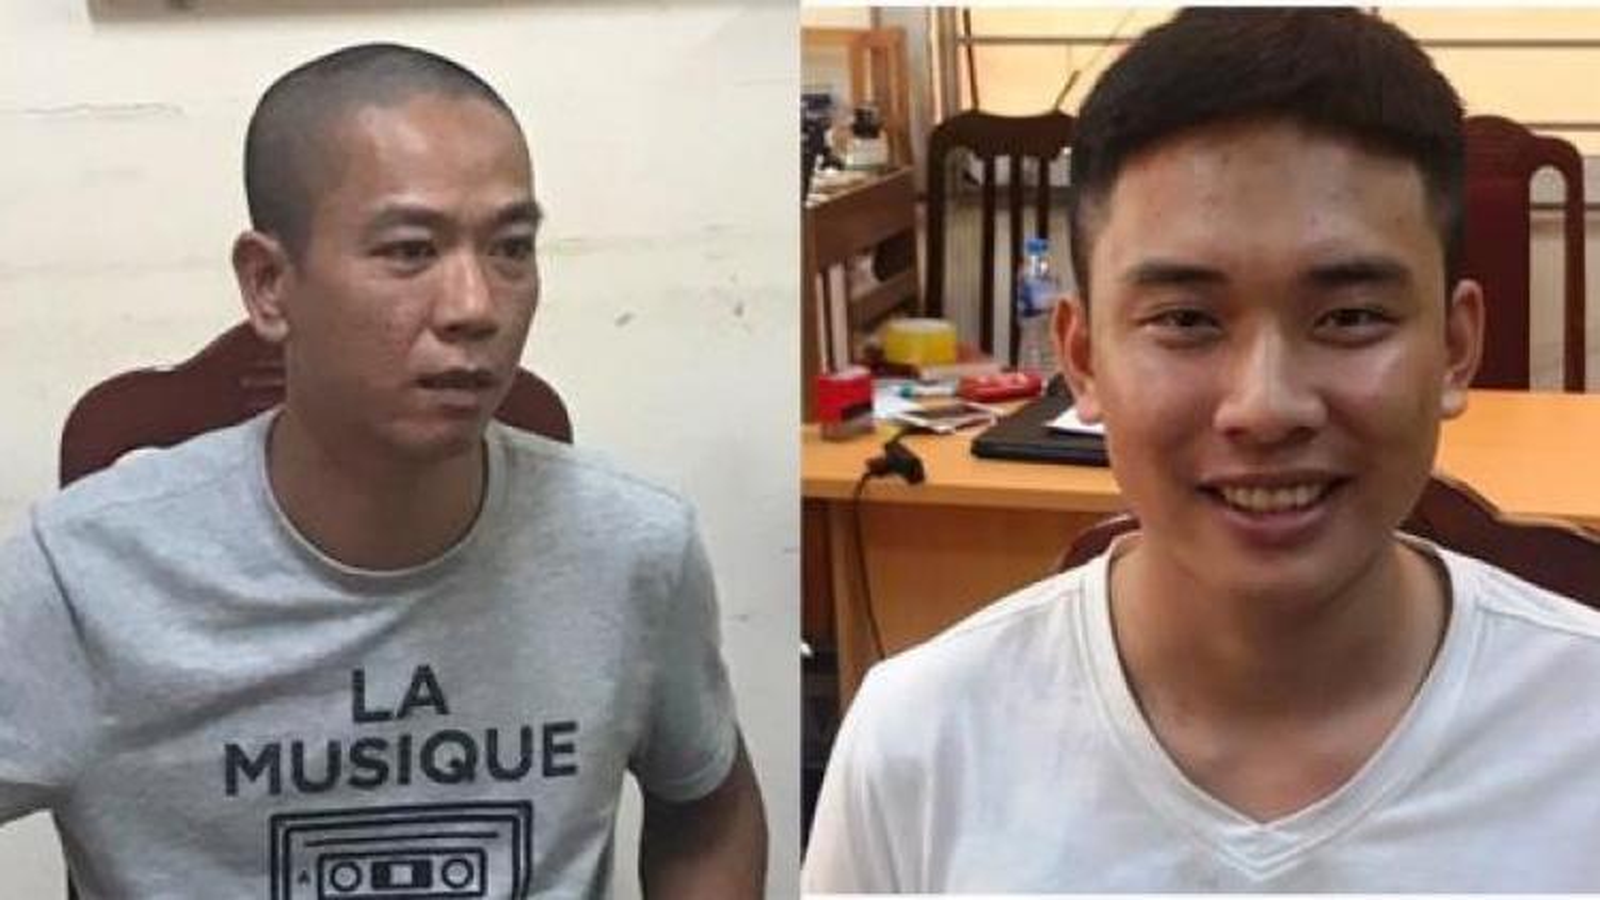 Nóng 24h: Diễn biến mới vụ nổ súng cướp Ngân hàng ở Hà Nội